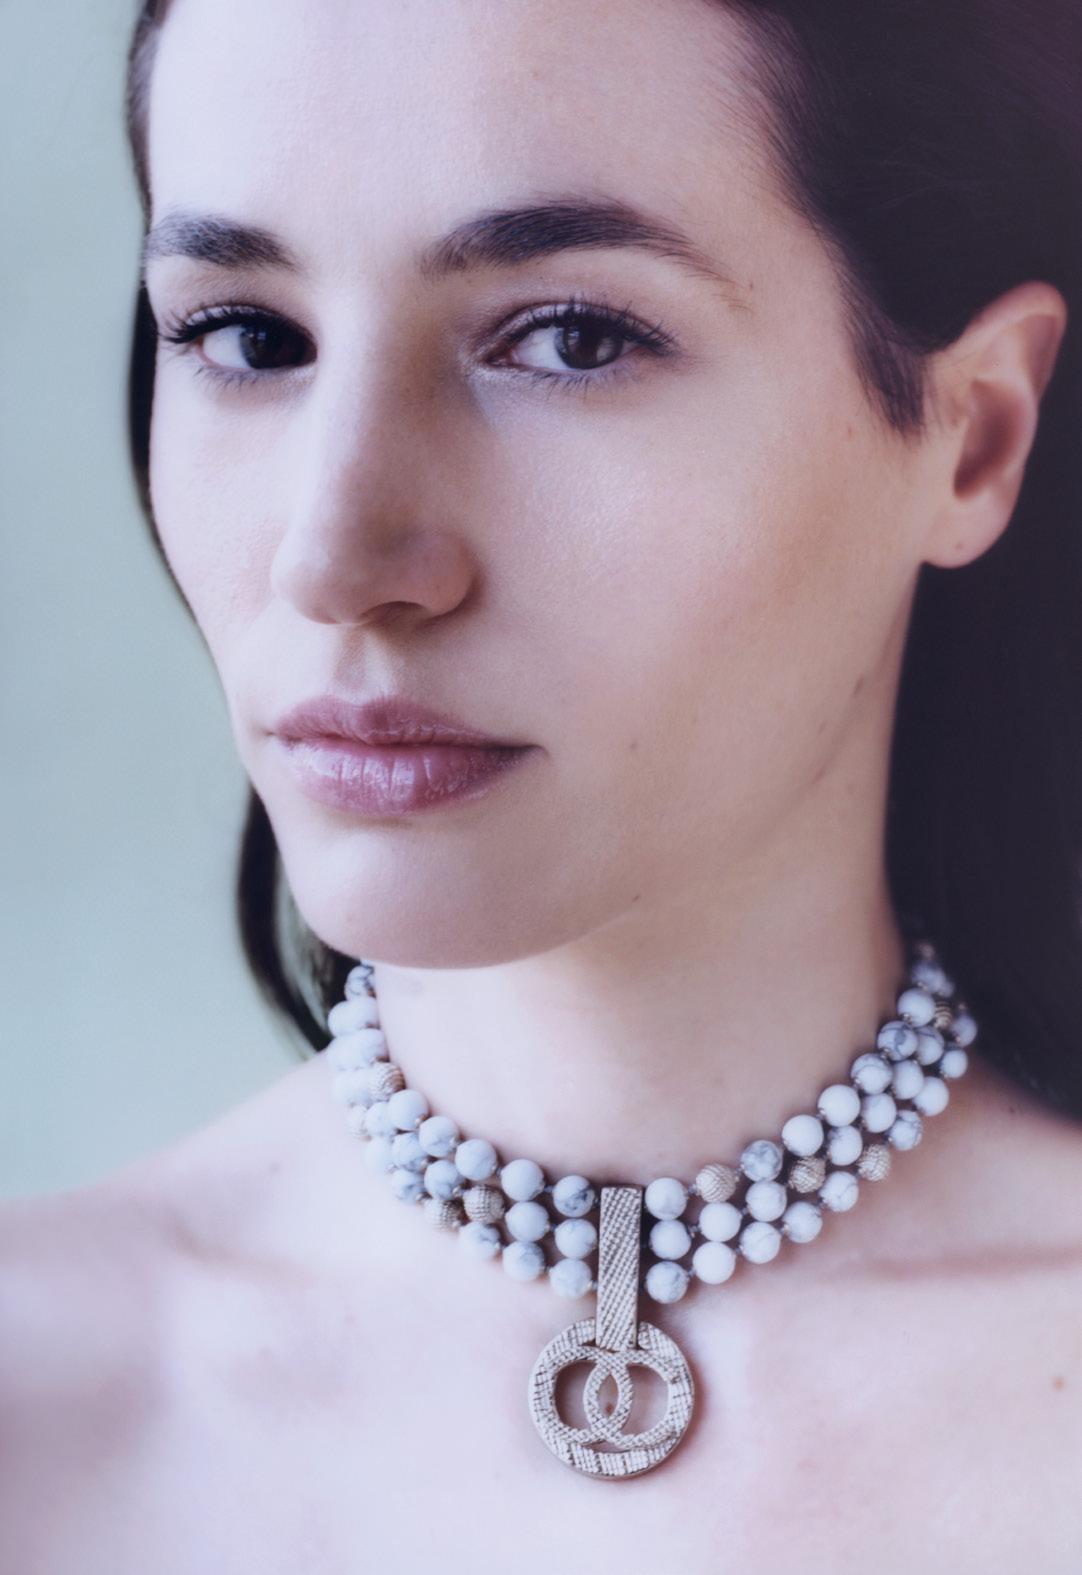 LULA - Elisa Lasowski